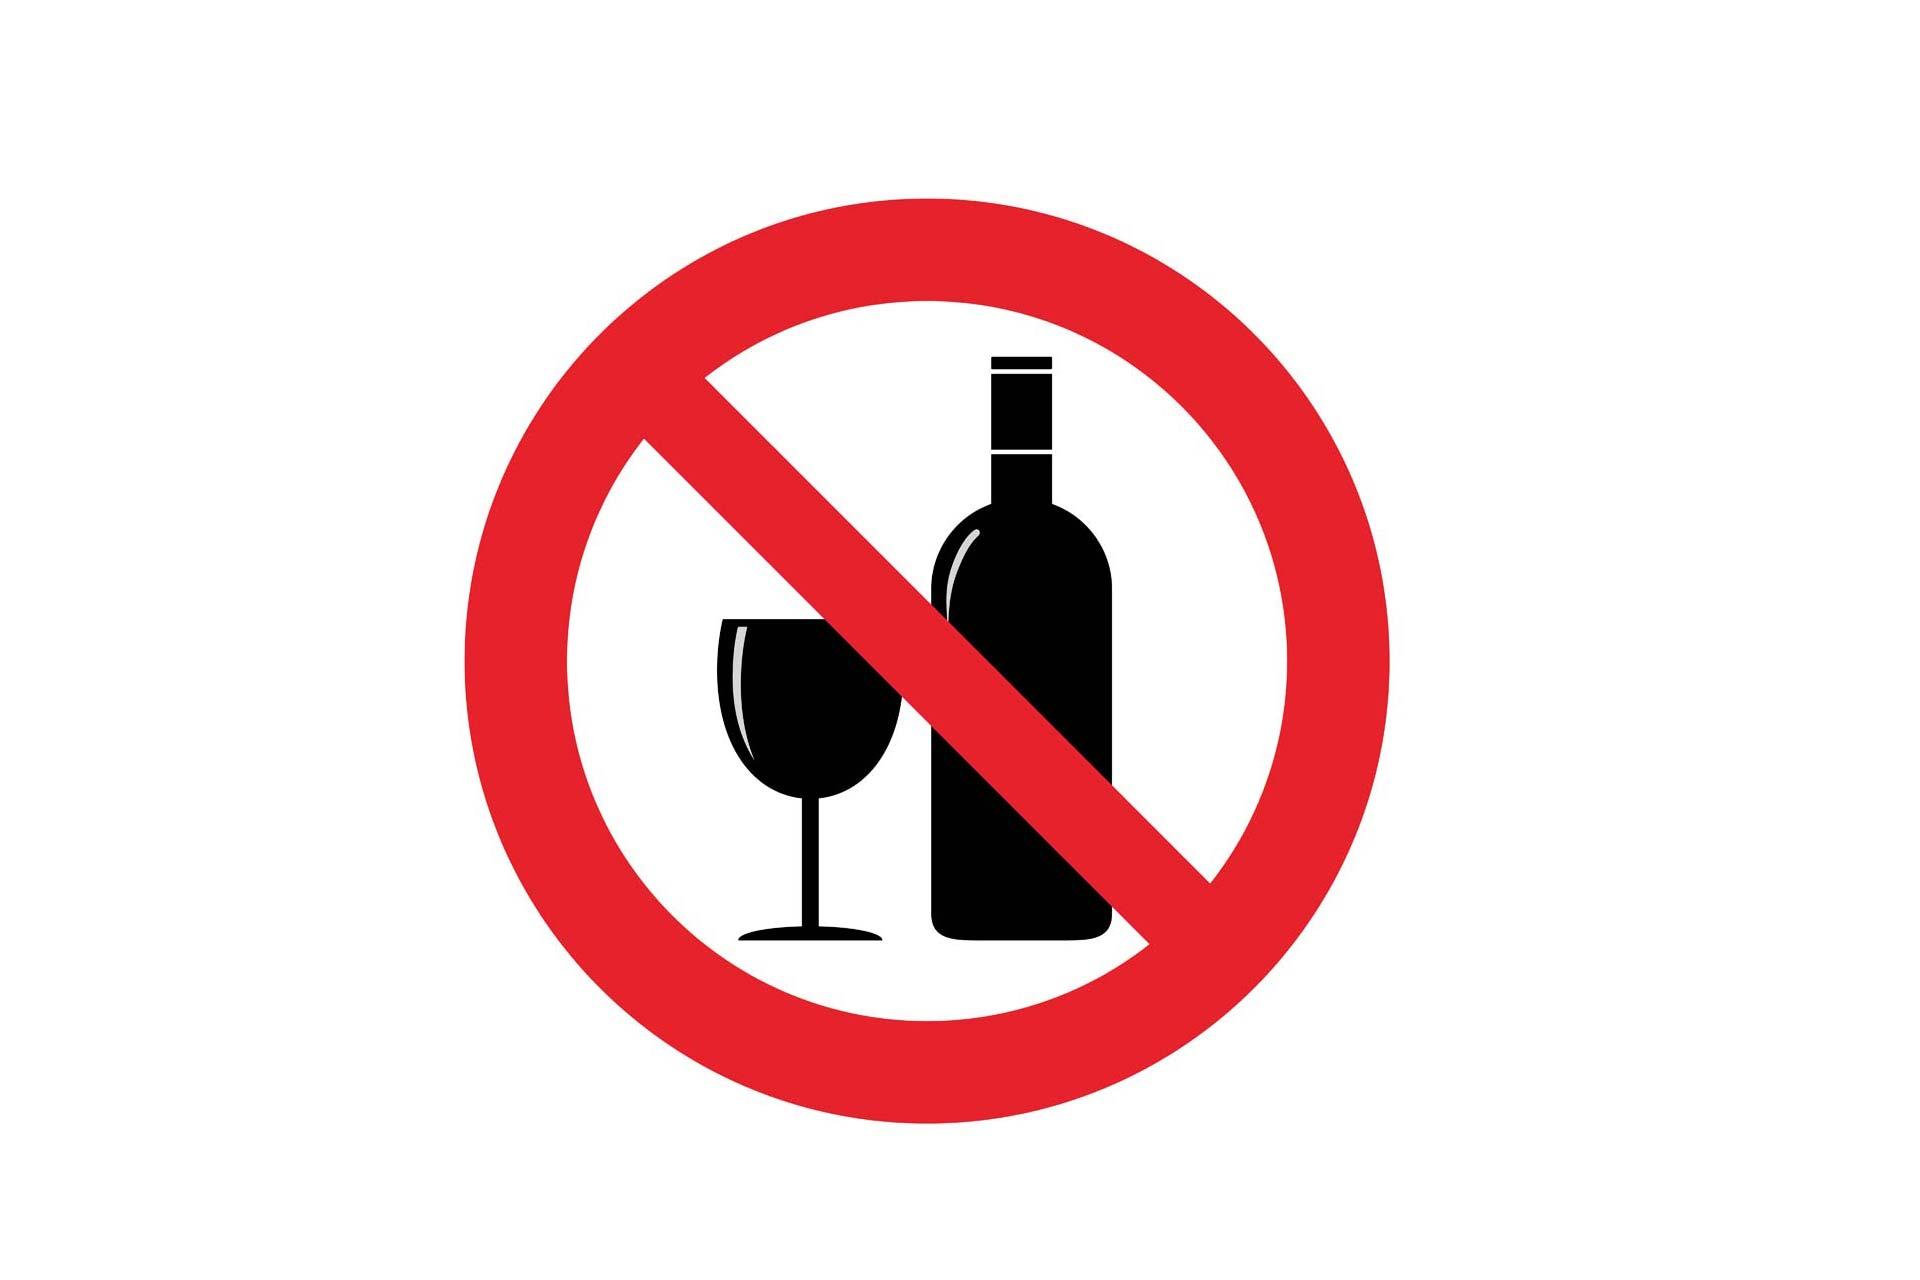 Desde el viernes previo a las elecciones quedará suspendido, entre otras cosas, la venta de alcohol